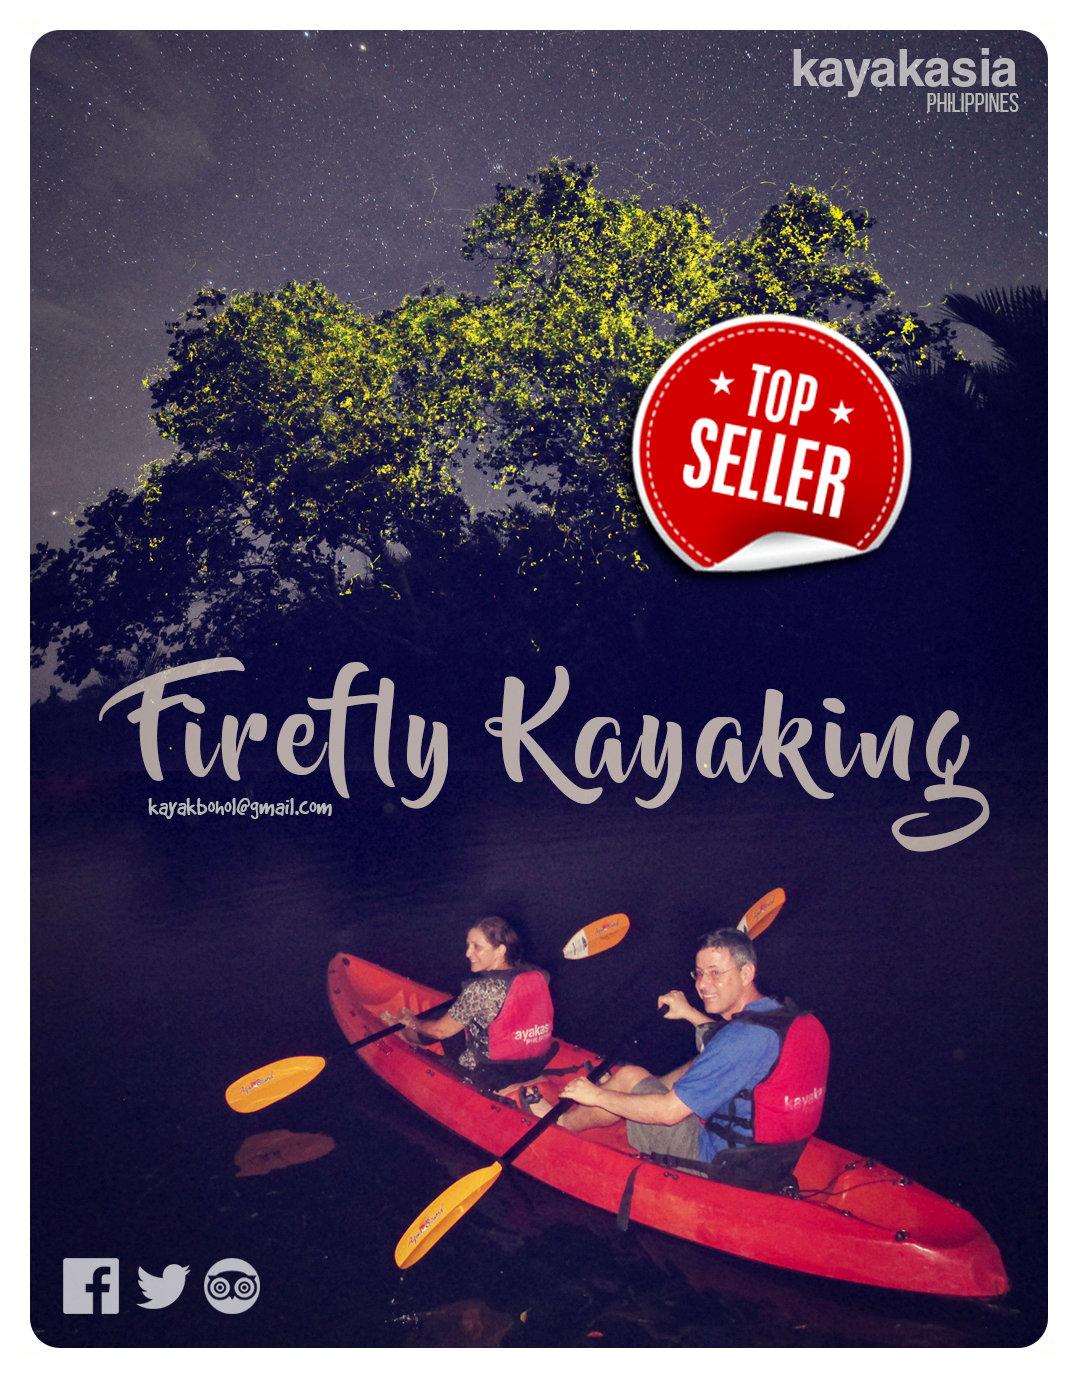 Firefly Kayaking